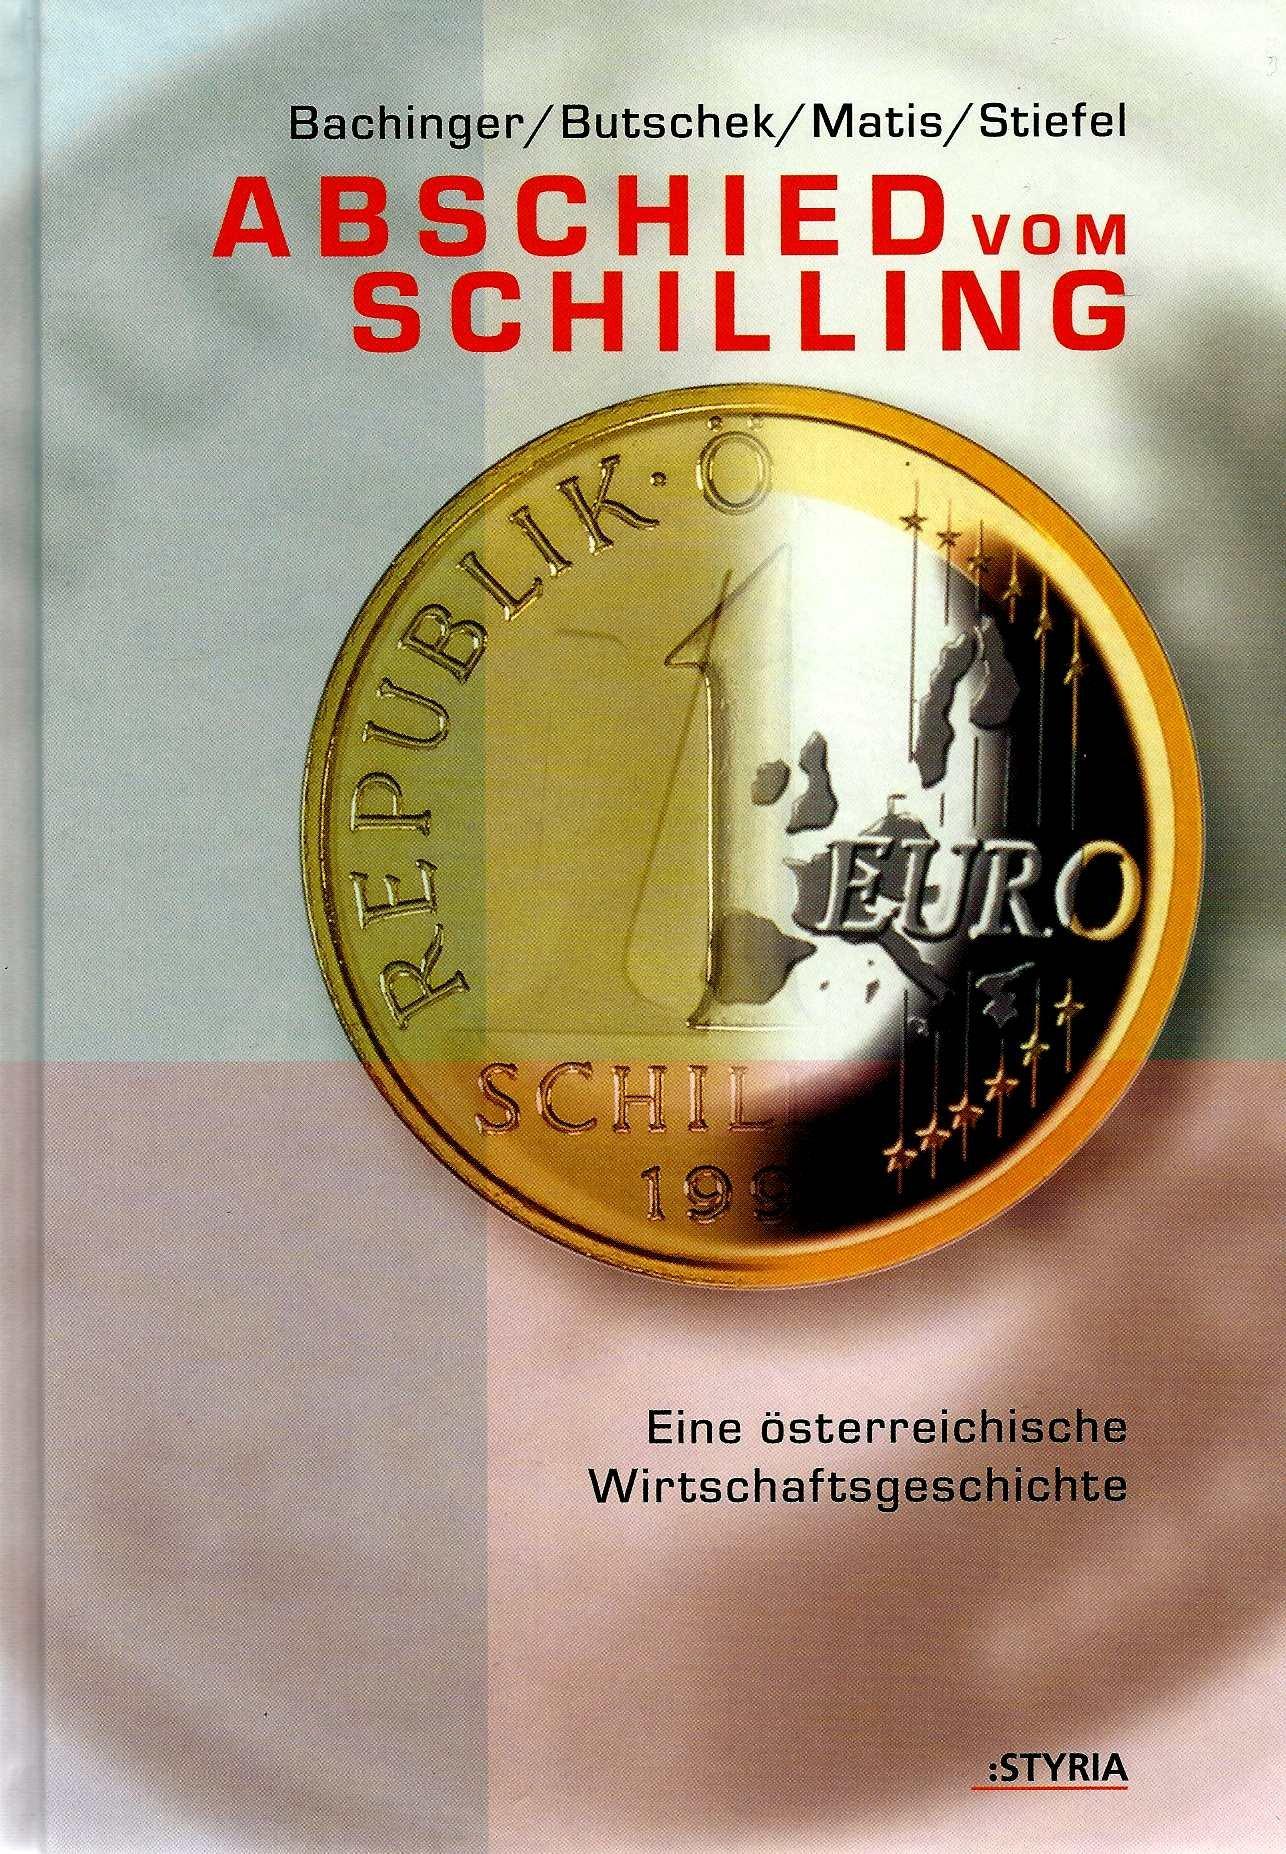 Abschied vom Schilling. Eine österreichische Wirtschaftsgeschichte